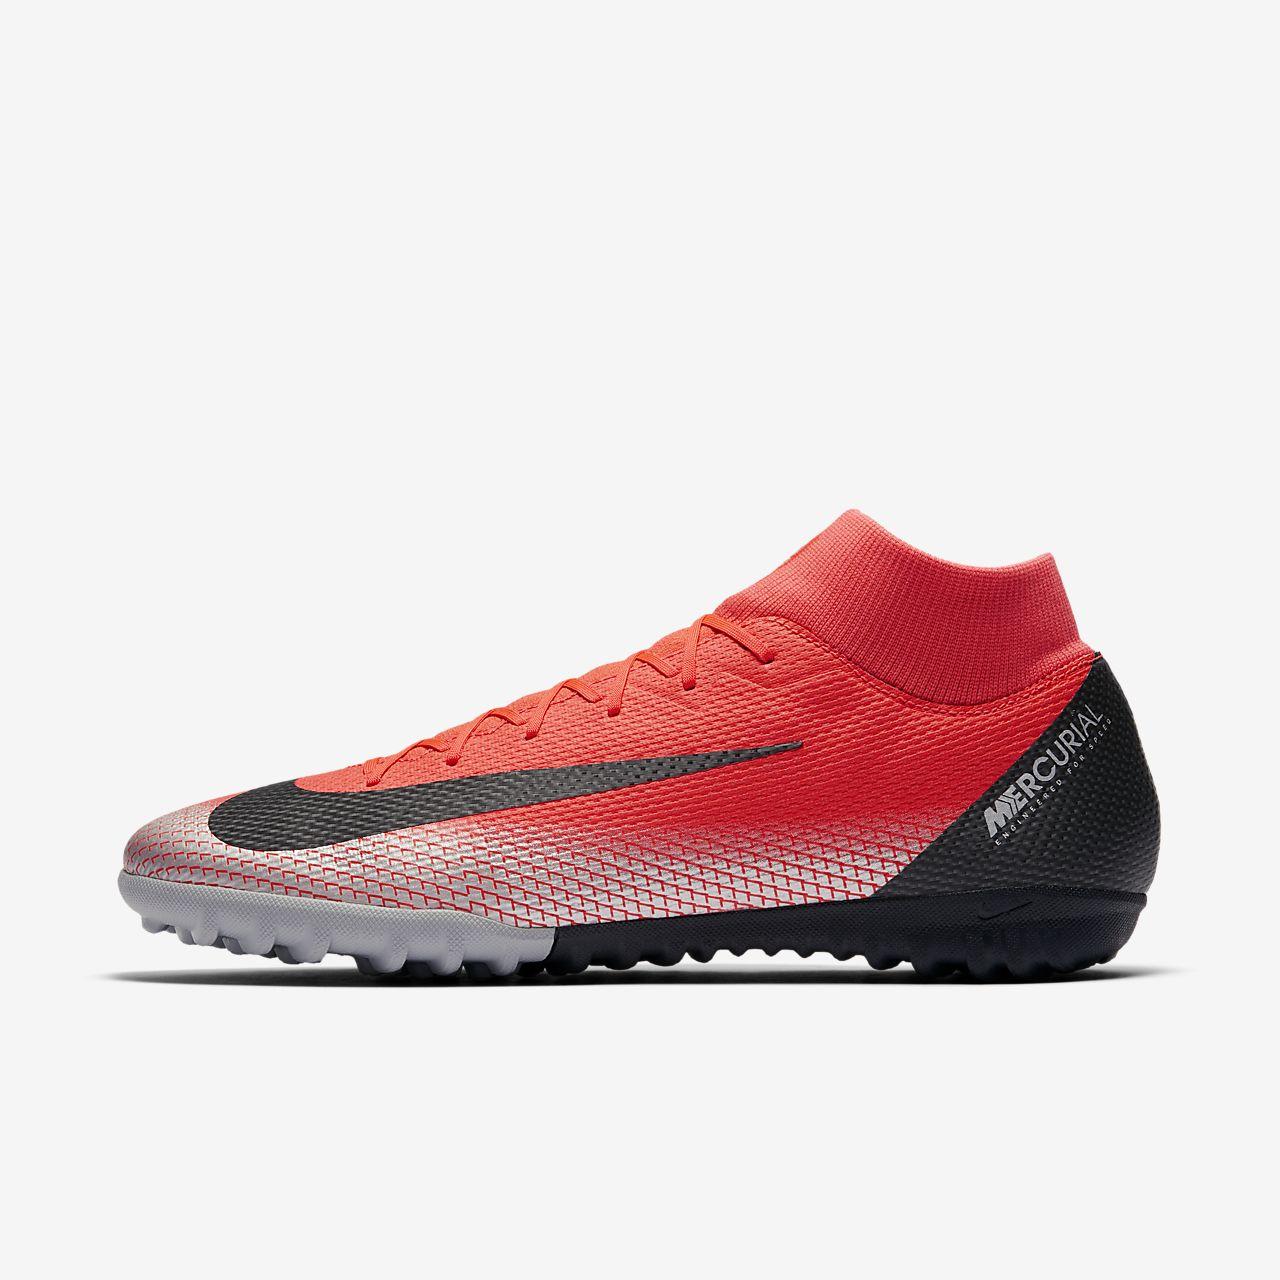 À Pour Synthétique Terrain Crampons Chaussure De Cr7 Football wIqnSE